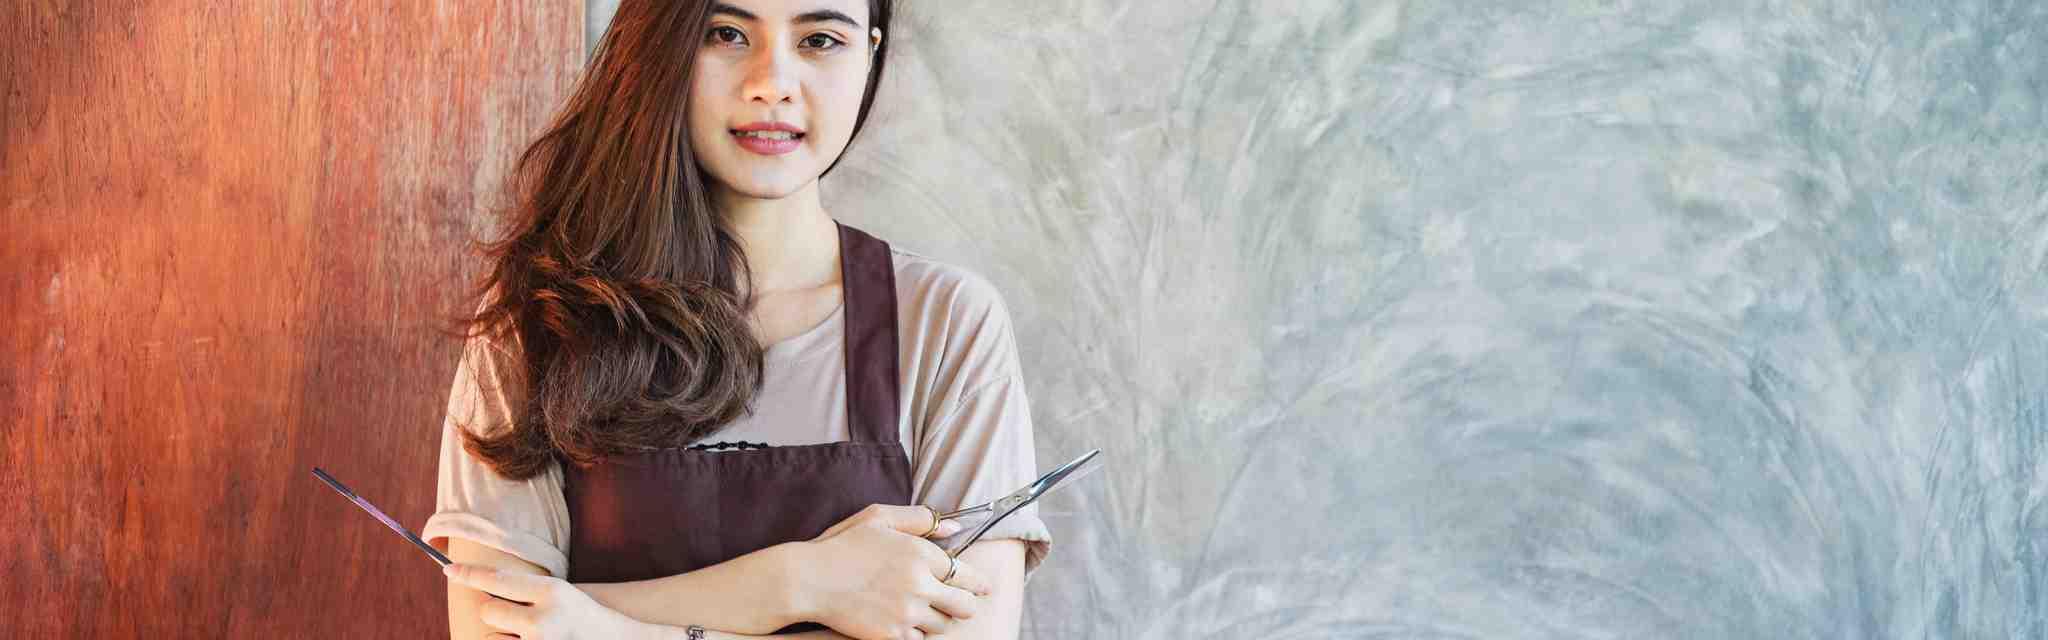 5 Hal yang Harus Dilakukan Demi Jadi Pemilik Salon Sukses, Xperience Team